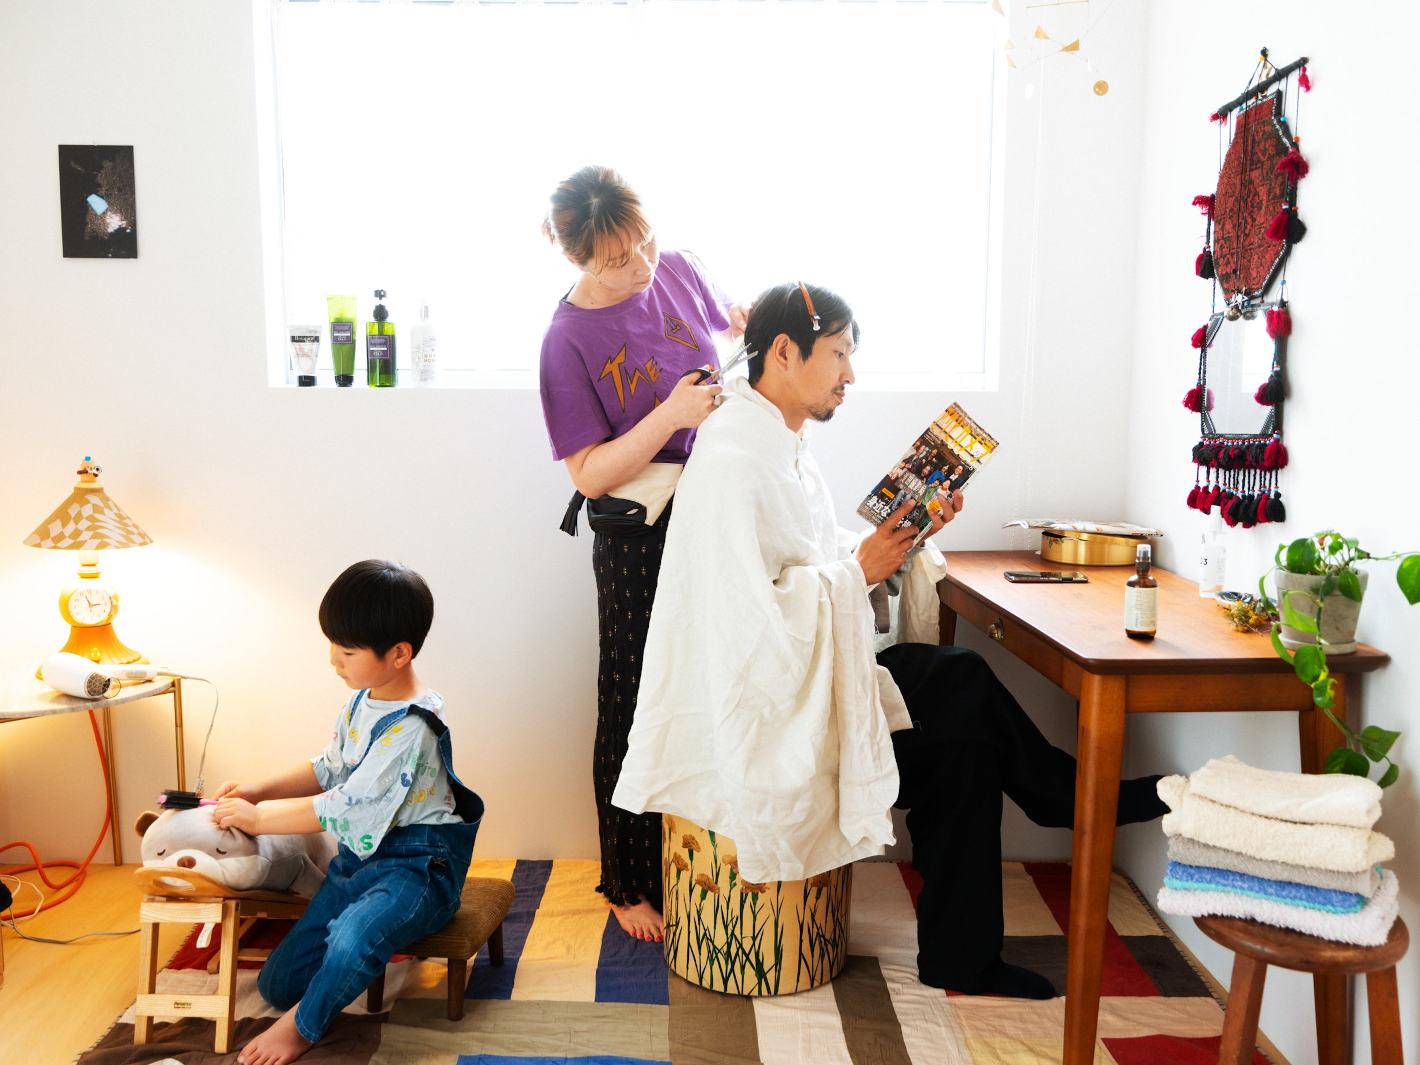 家族を撮り続ける写真家 浅田政志さんインタビュー – 家族は奇跡。ありふれた日々にこそ価値がある